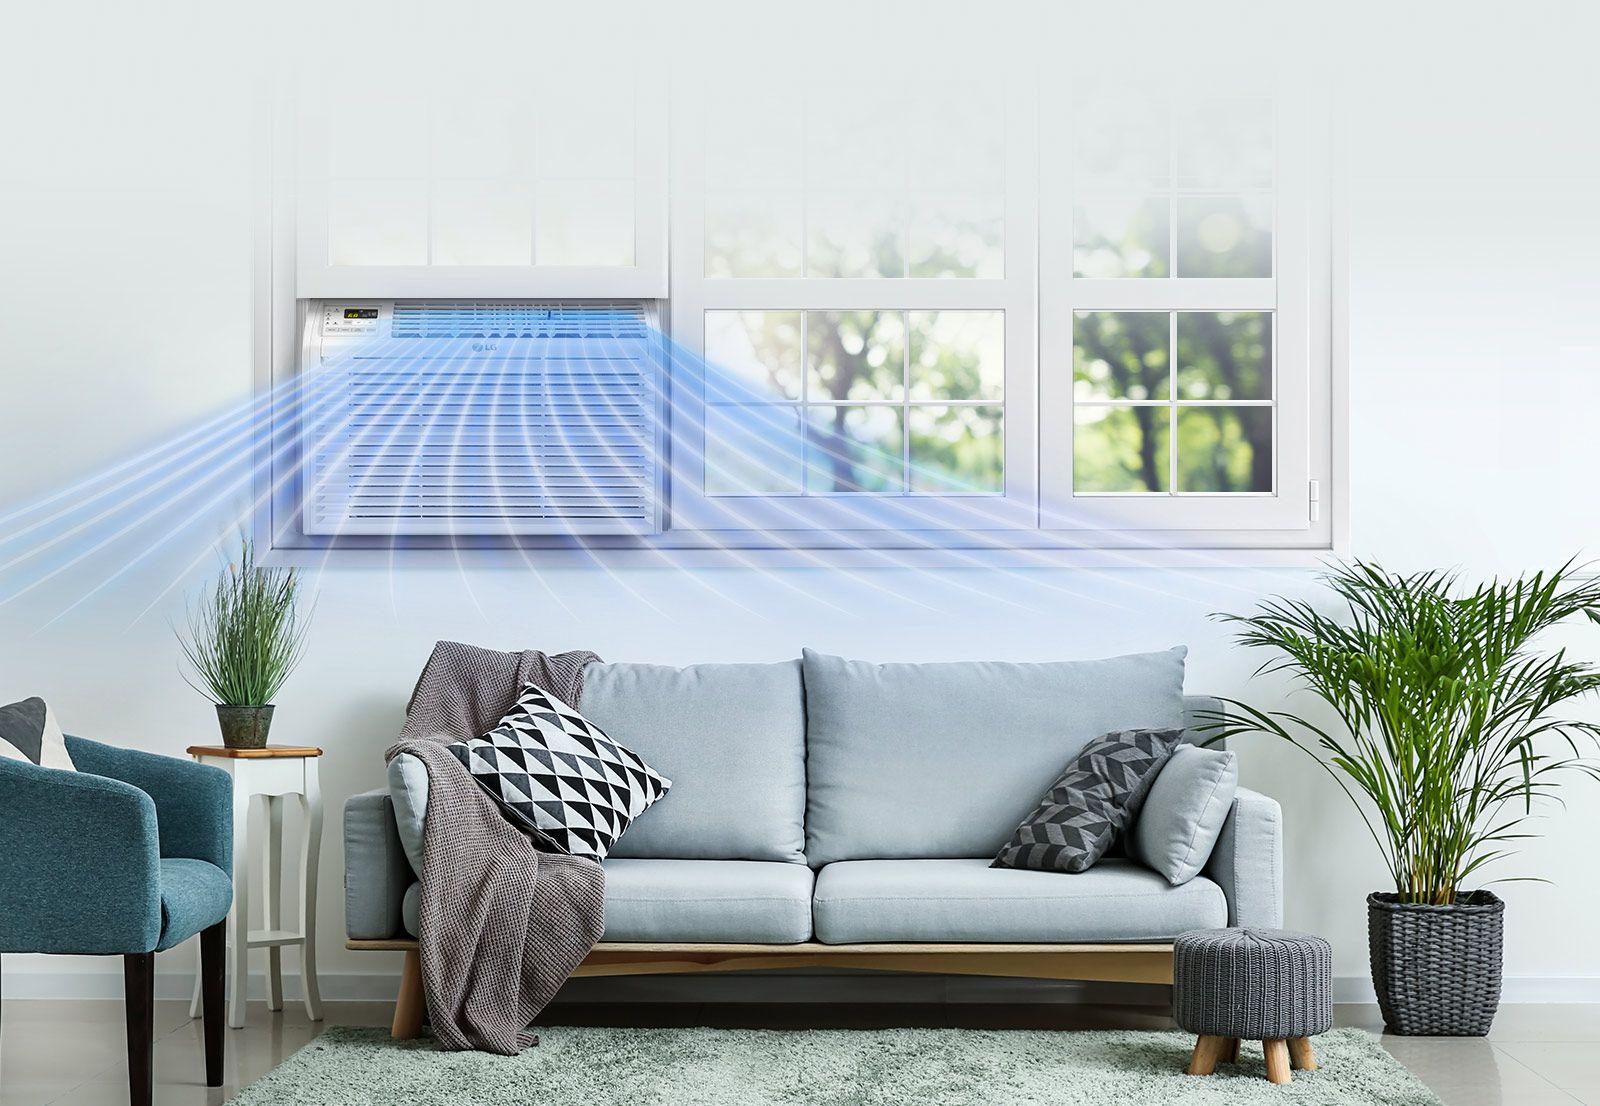 LG LW6017R 6,000 BTU Window Air Conditioner LG USA in